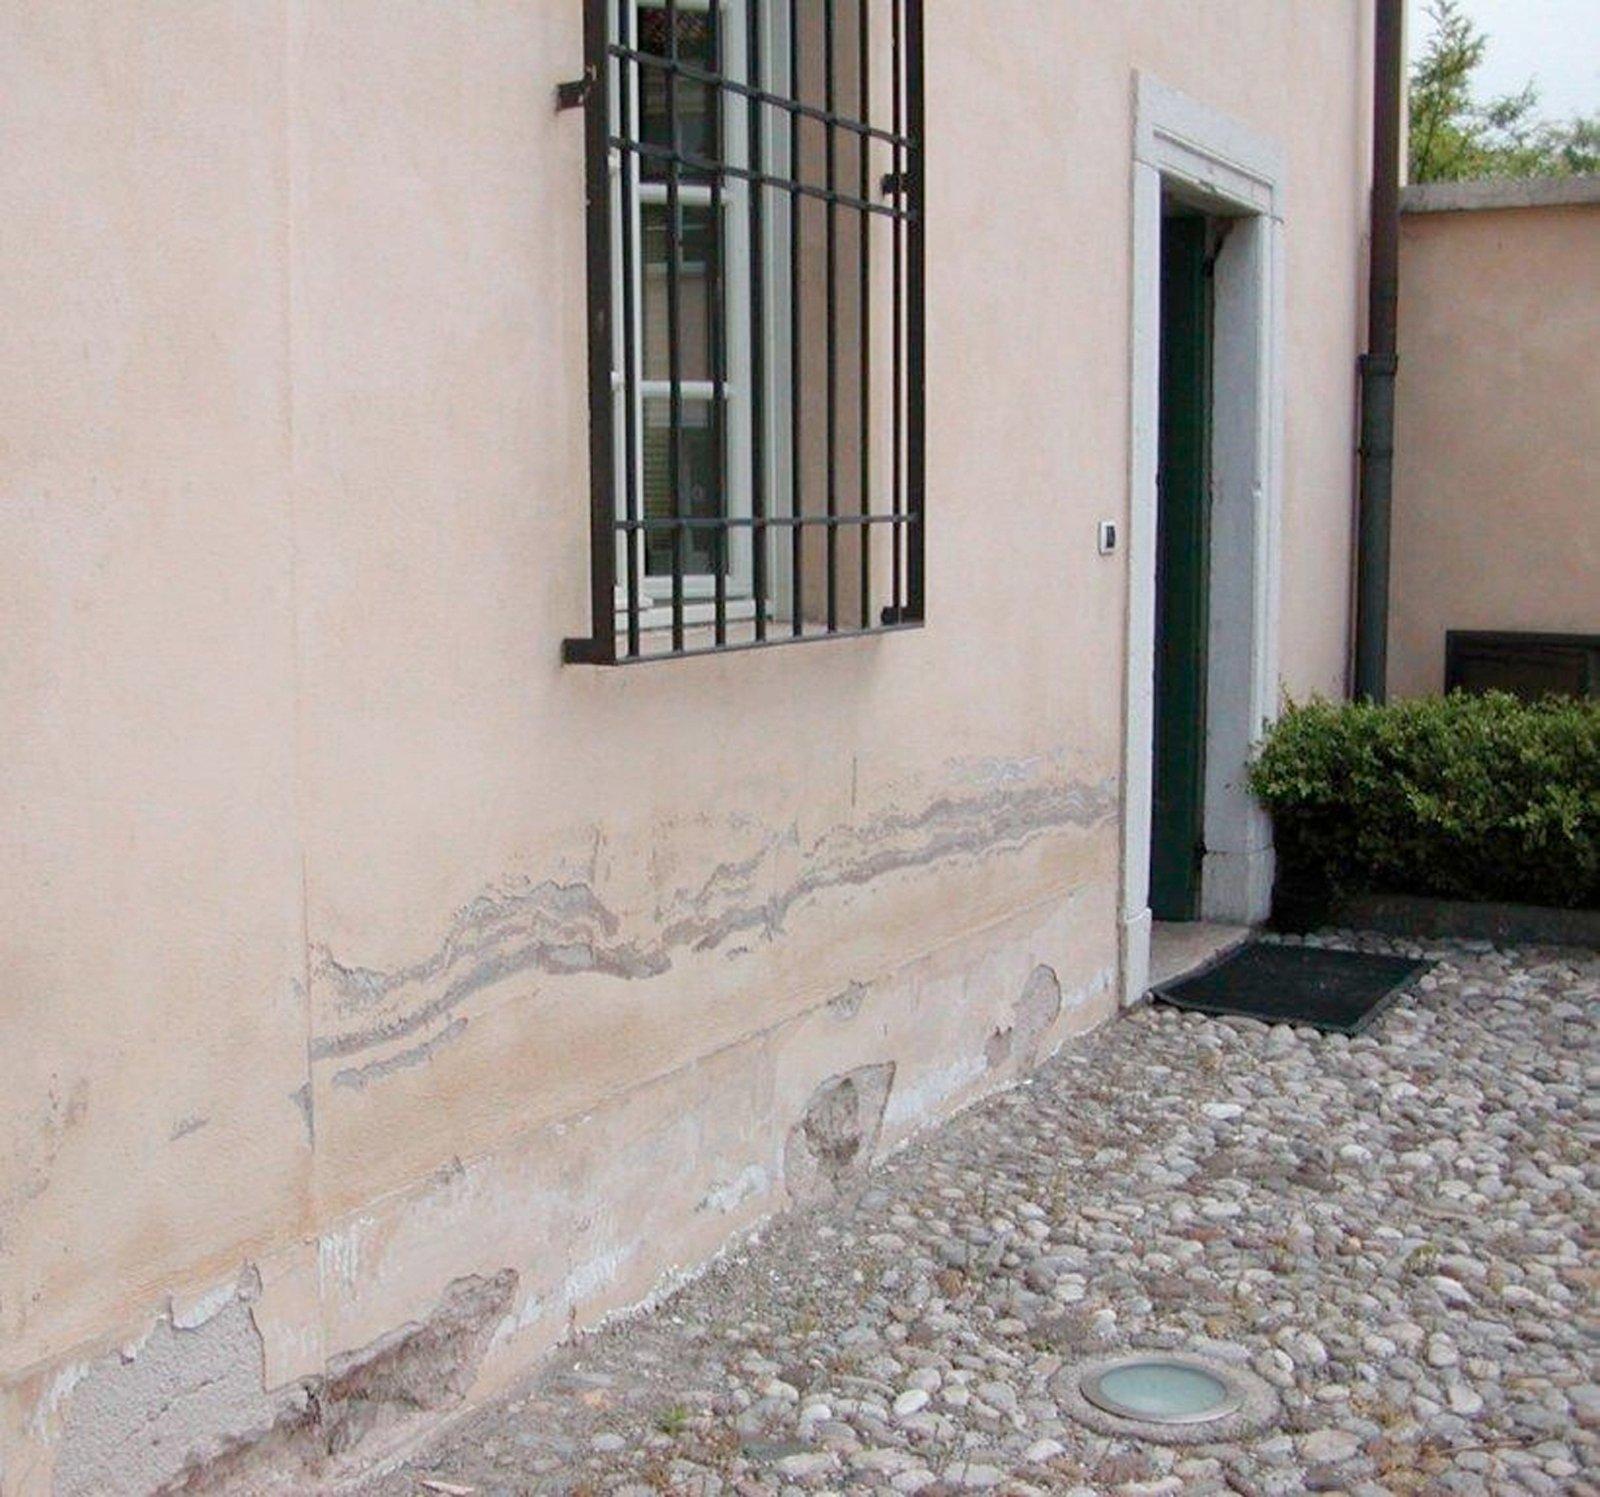 Umidita Di Risalita Come Risolvere l'umidità nei muri per risalita capillare: 3 modi di